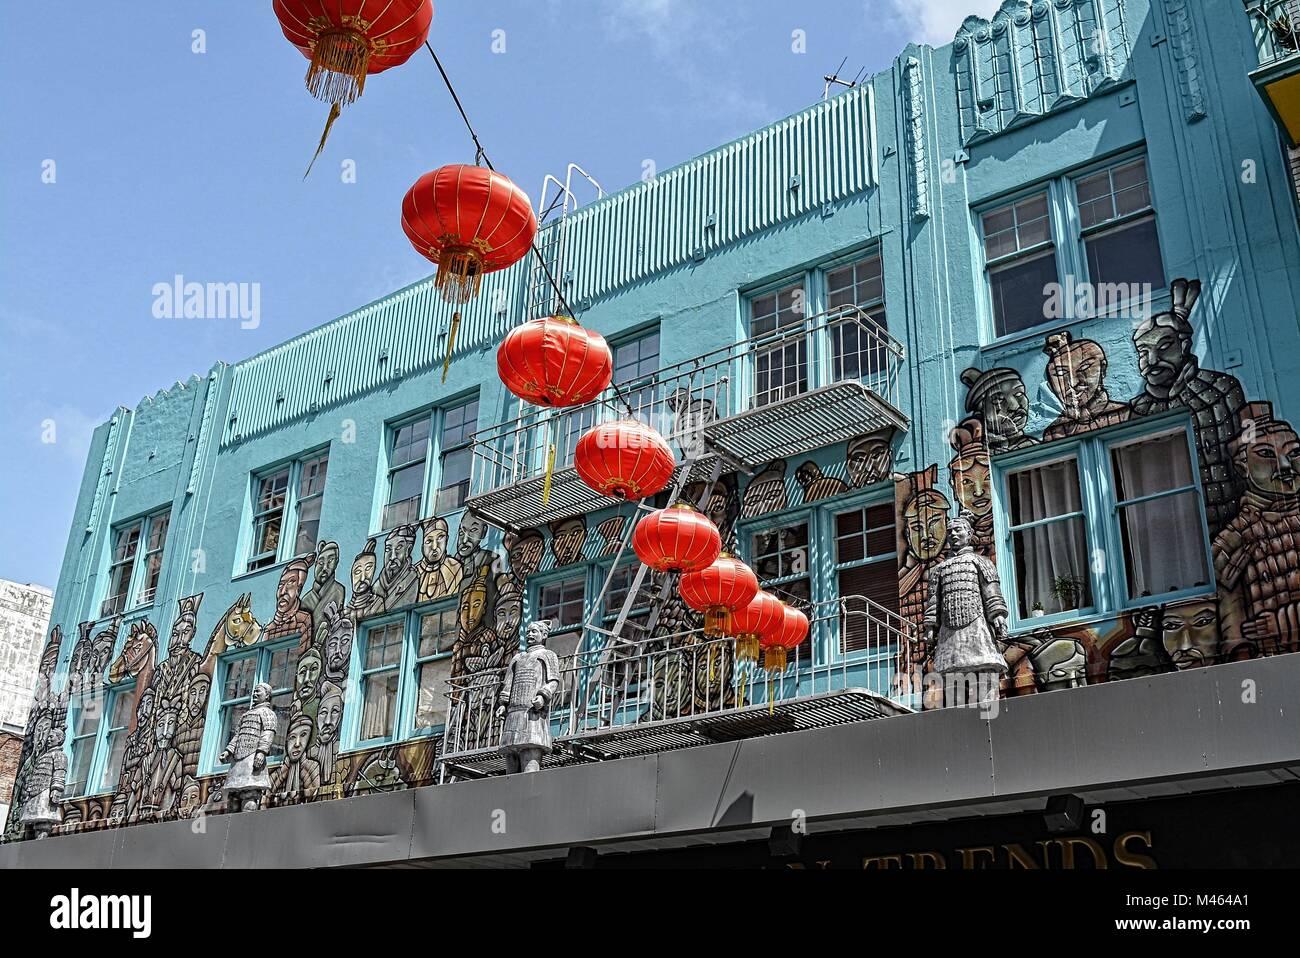 hanging chinese lantern in china twon San Francisco - Stock Image